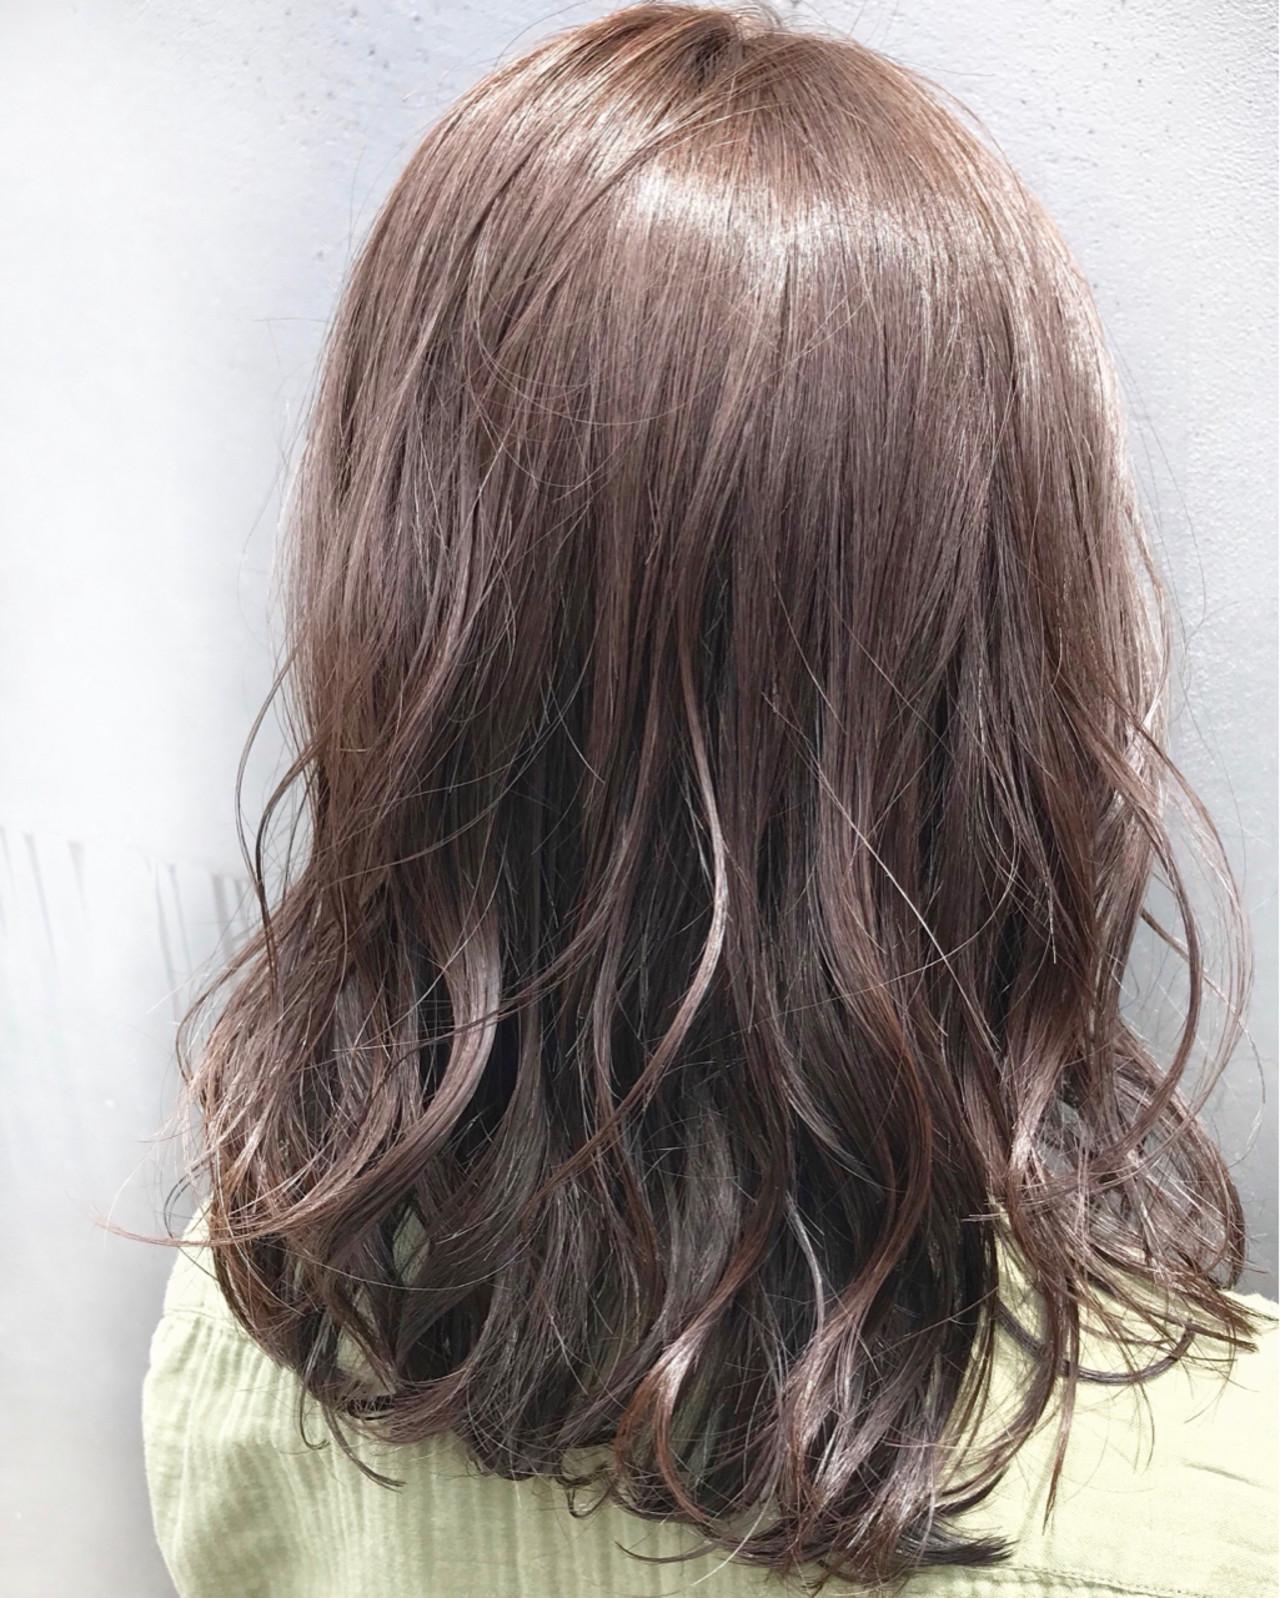 ミディアム ストレート ゆるふわ ナチュラル ヘアスタイルや髪型の写真・画像 | 【星野 達】 Joule South / Joule South